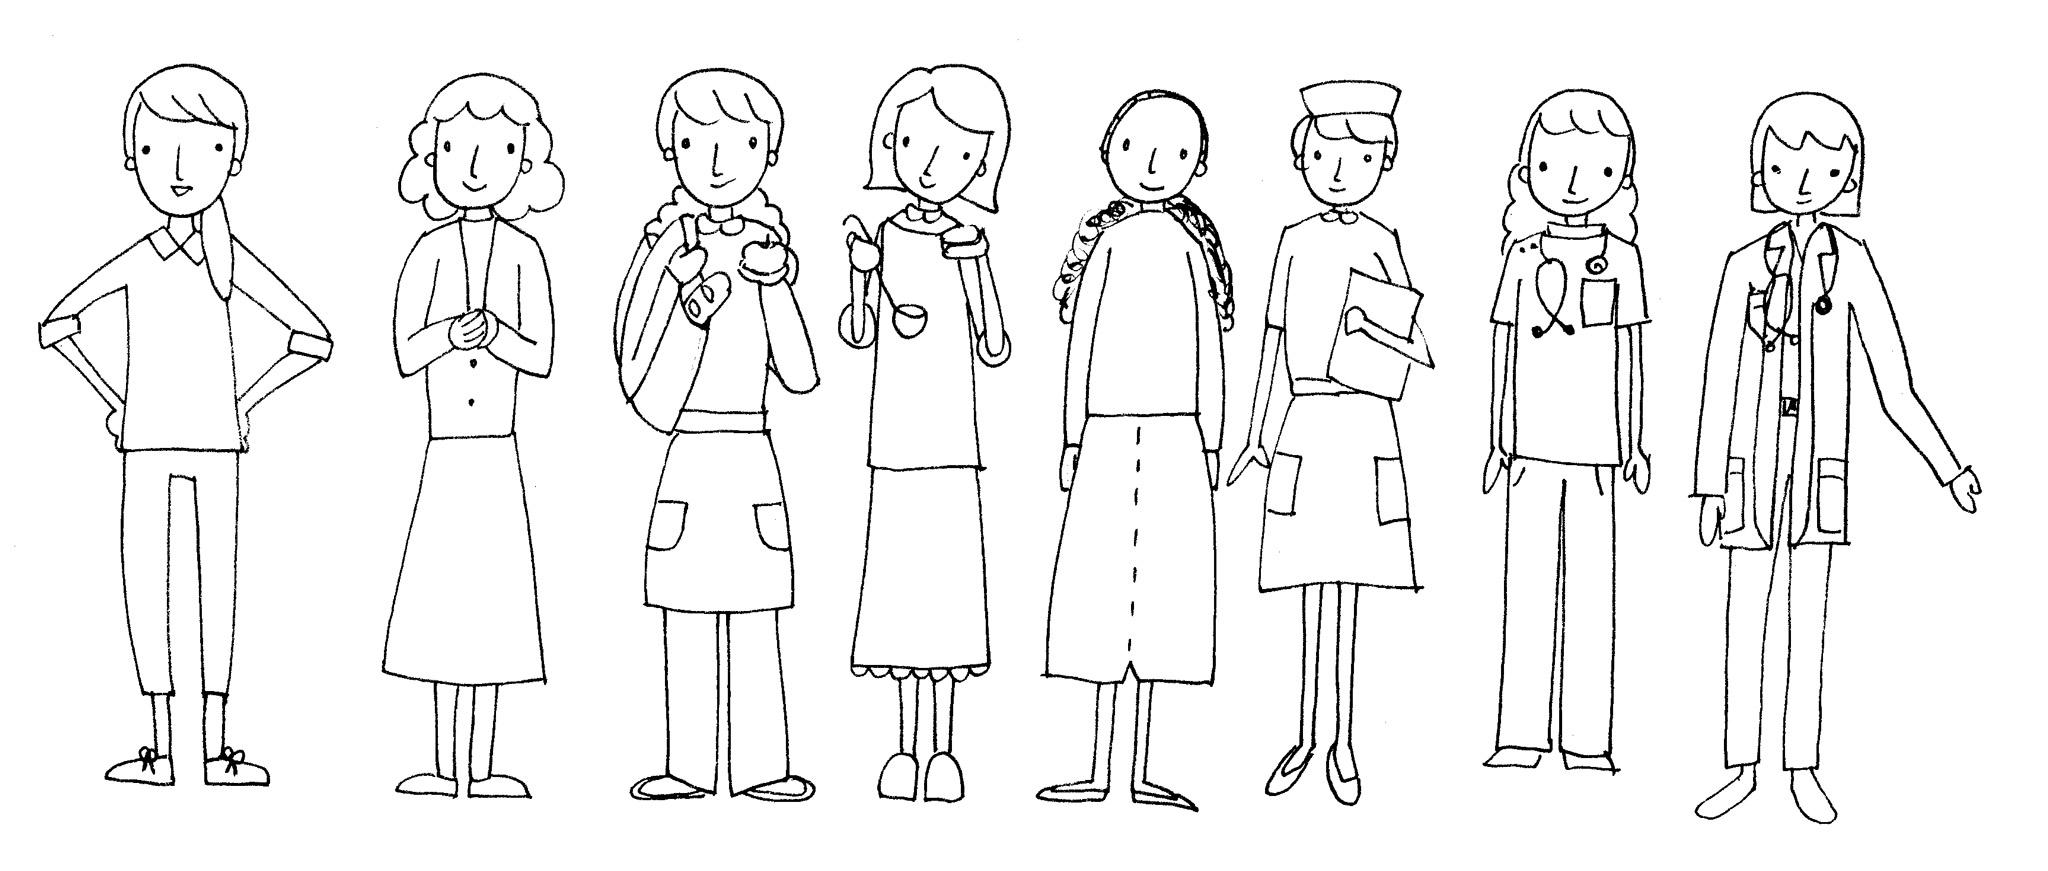 menschen skizzieren für anfänger